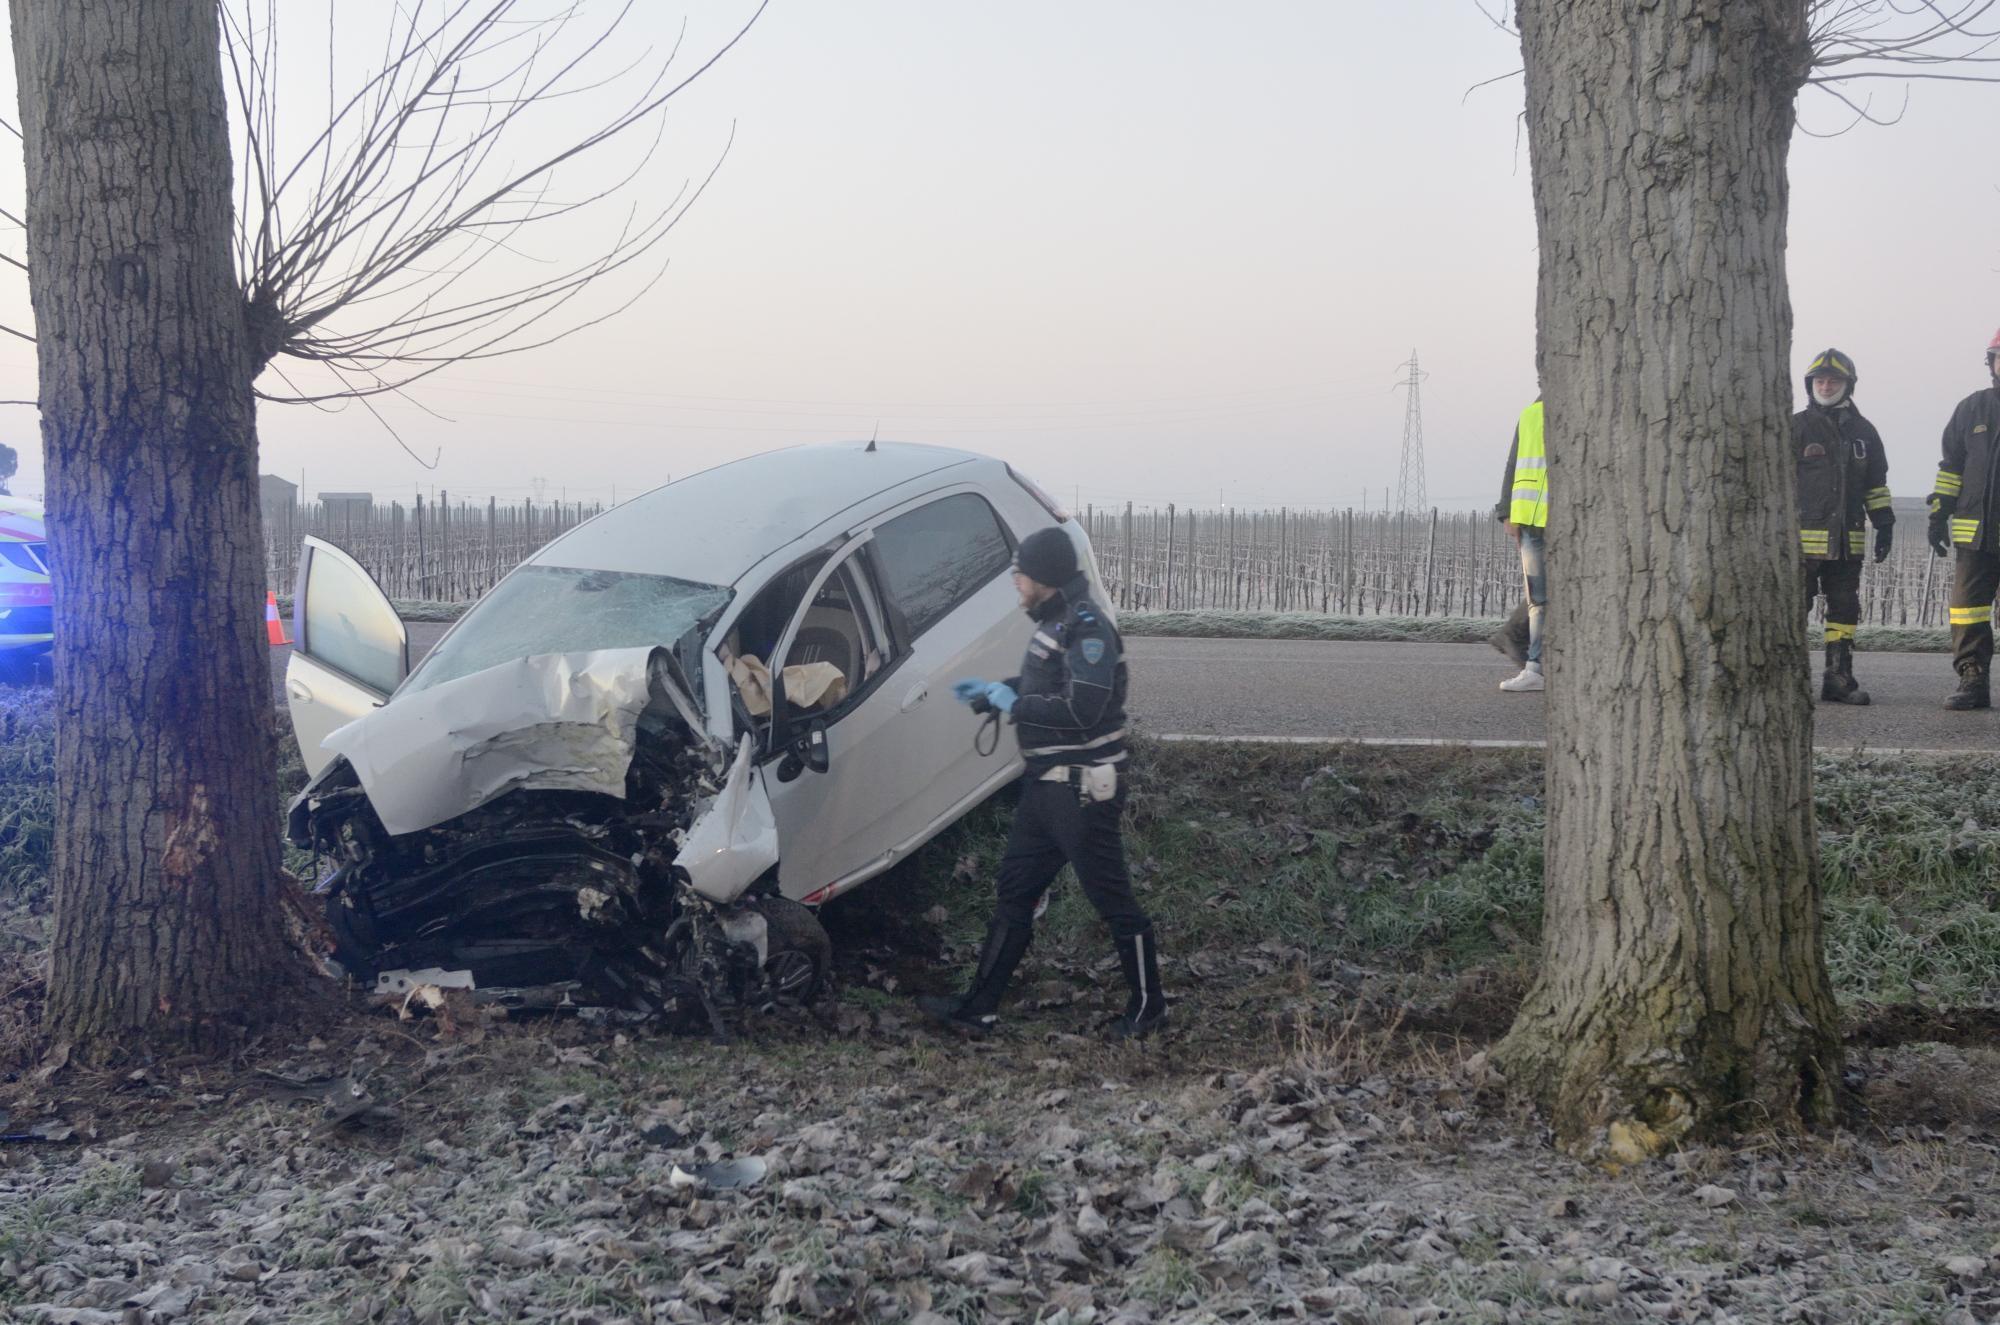 Tragica sbandata in auto, 61enne muore a Taglio Corelli